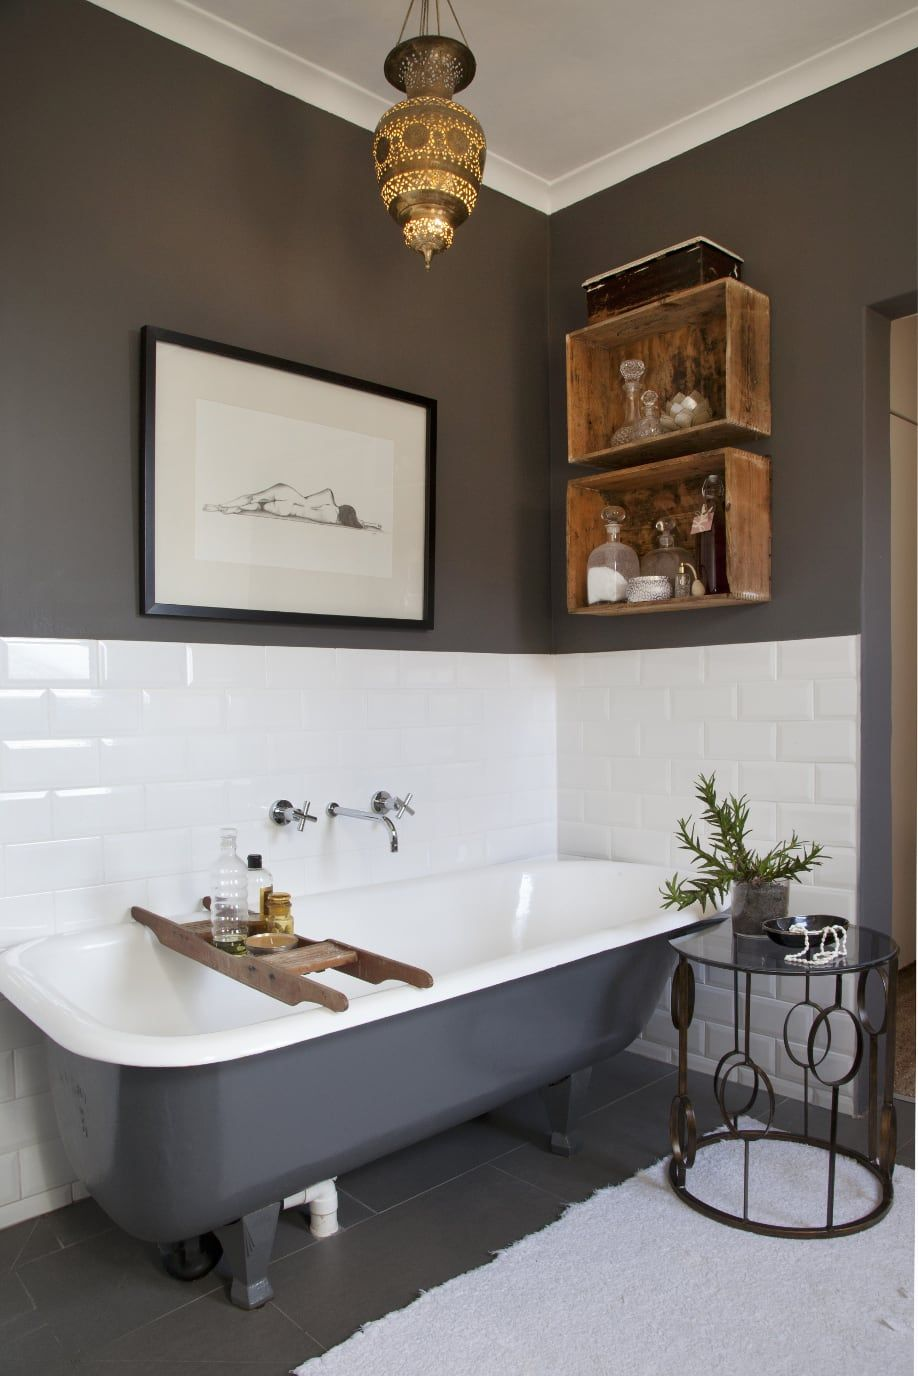 Tipps Fur Kleine Badezimmer Hier Im Westwing Magazin Kleine Badezimmer Kleine Badezimmer Inspiration Kleines Bad Dekorieren